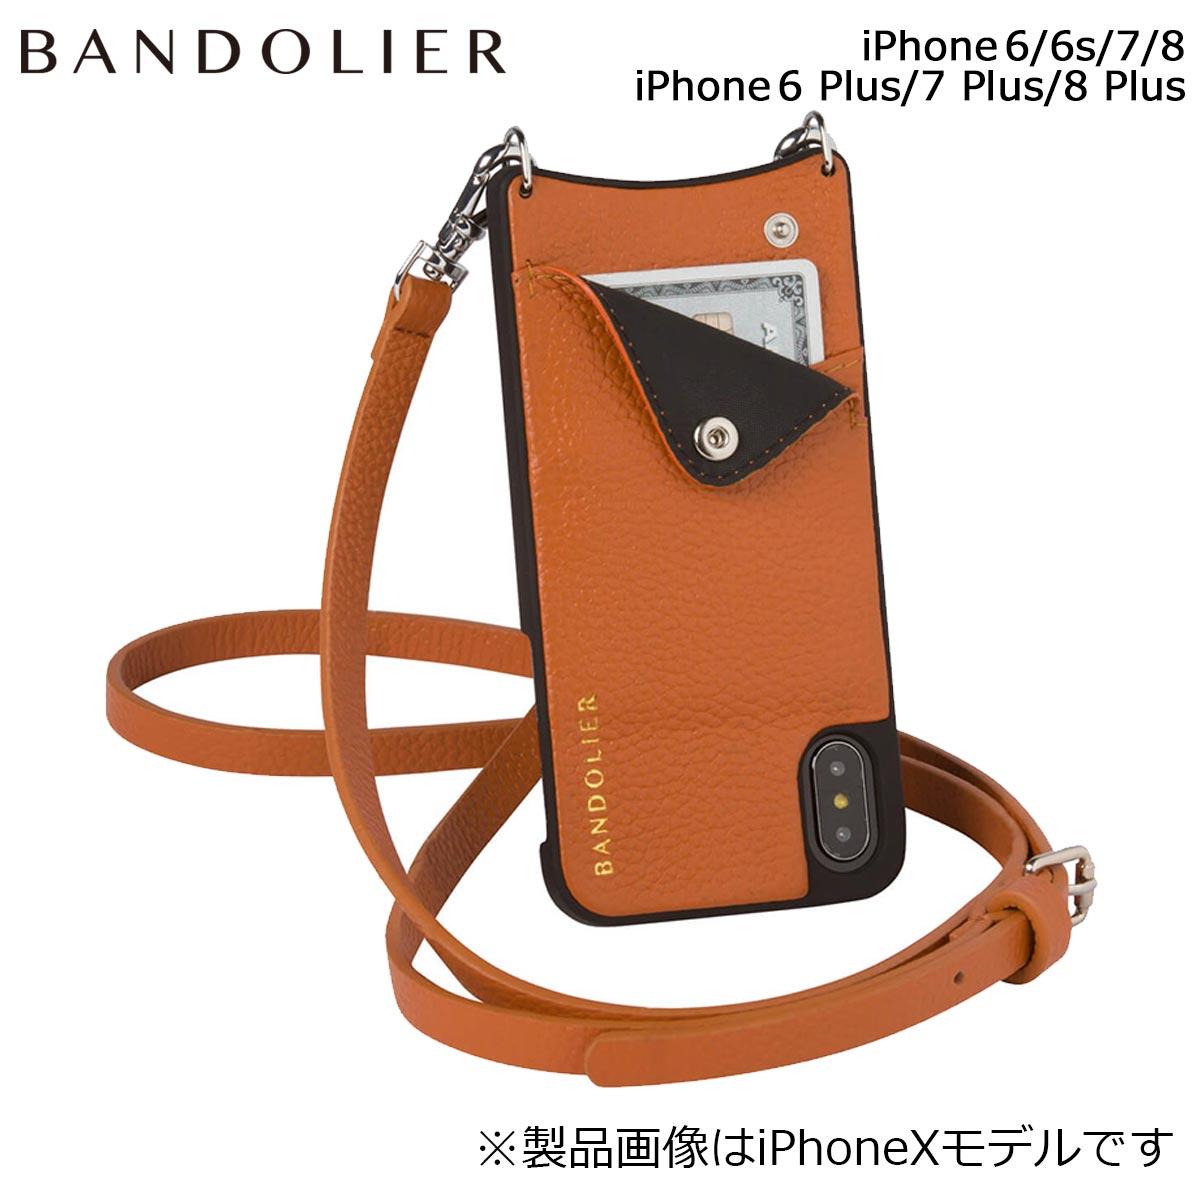 バンドリヤー BANDOLIER iPhone8 iPhone7 7Plus 6s ケース スマホ アイフォン プラス EMMA COGNAC メンズ レディース ブラウン [9/14 追加入荷]